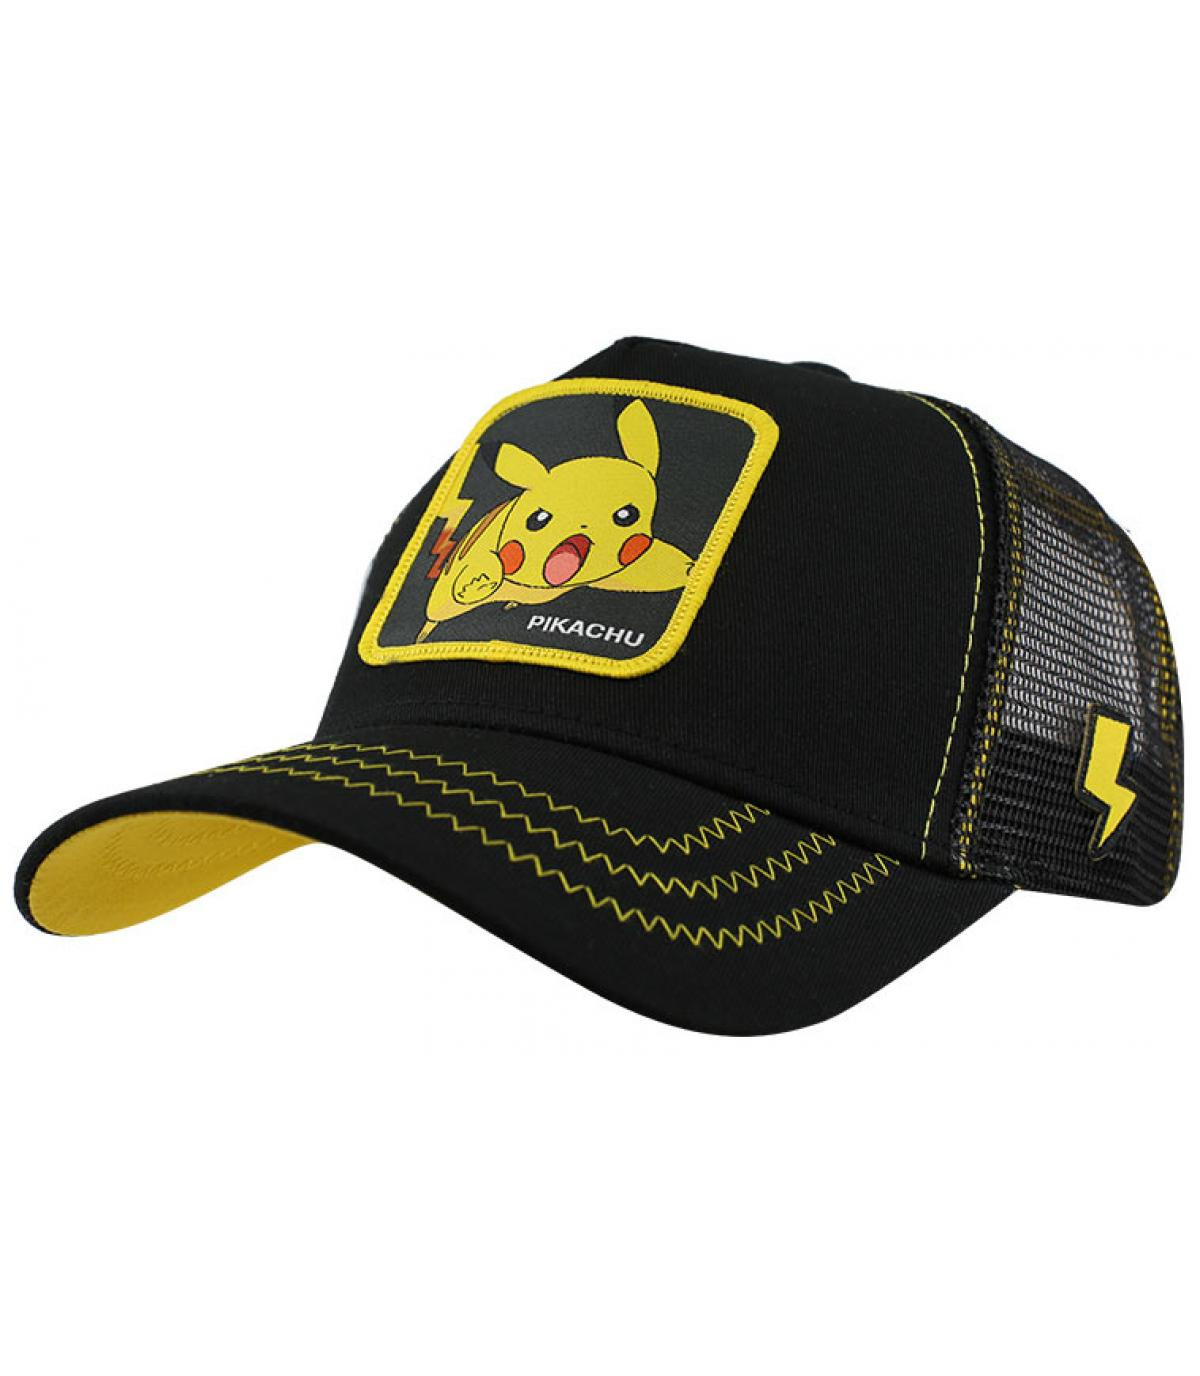 black Pikachu cap